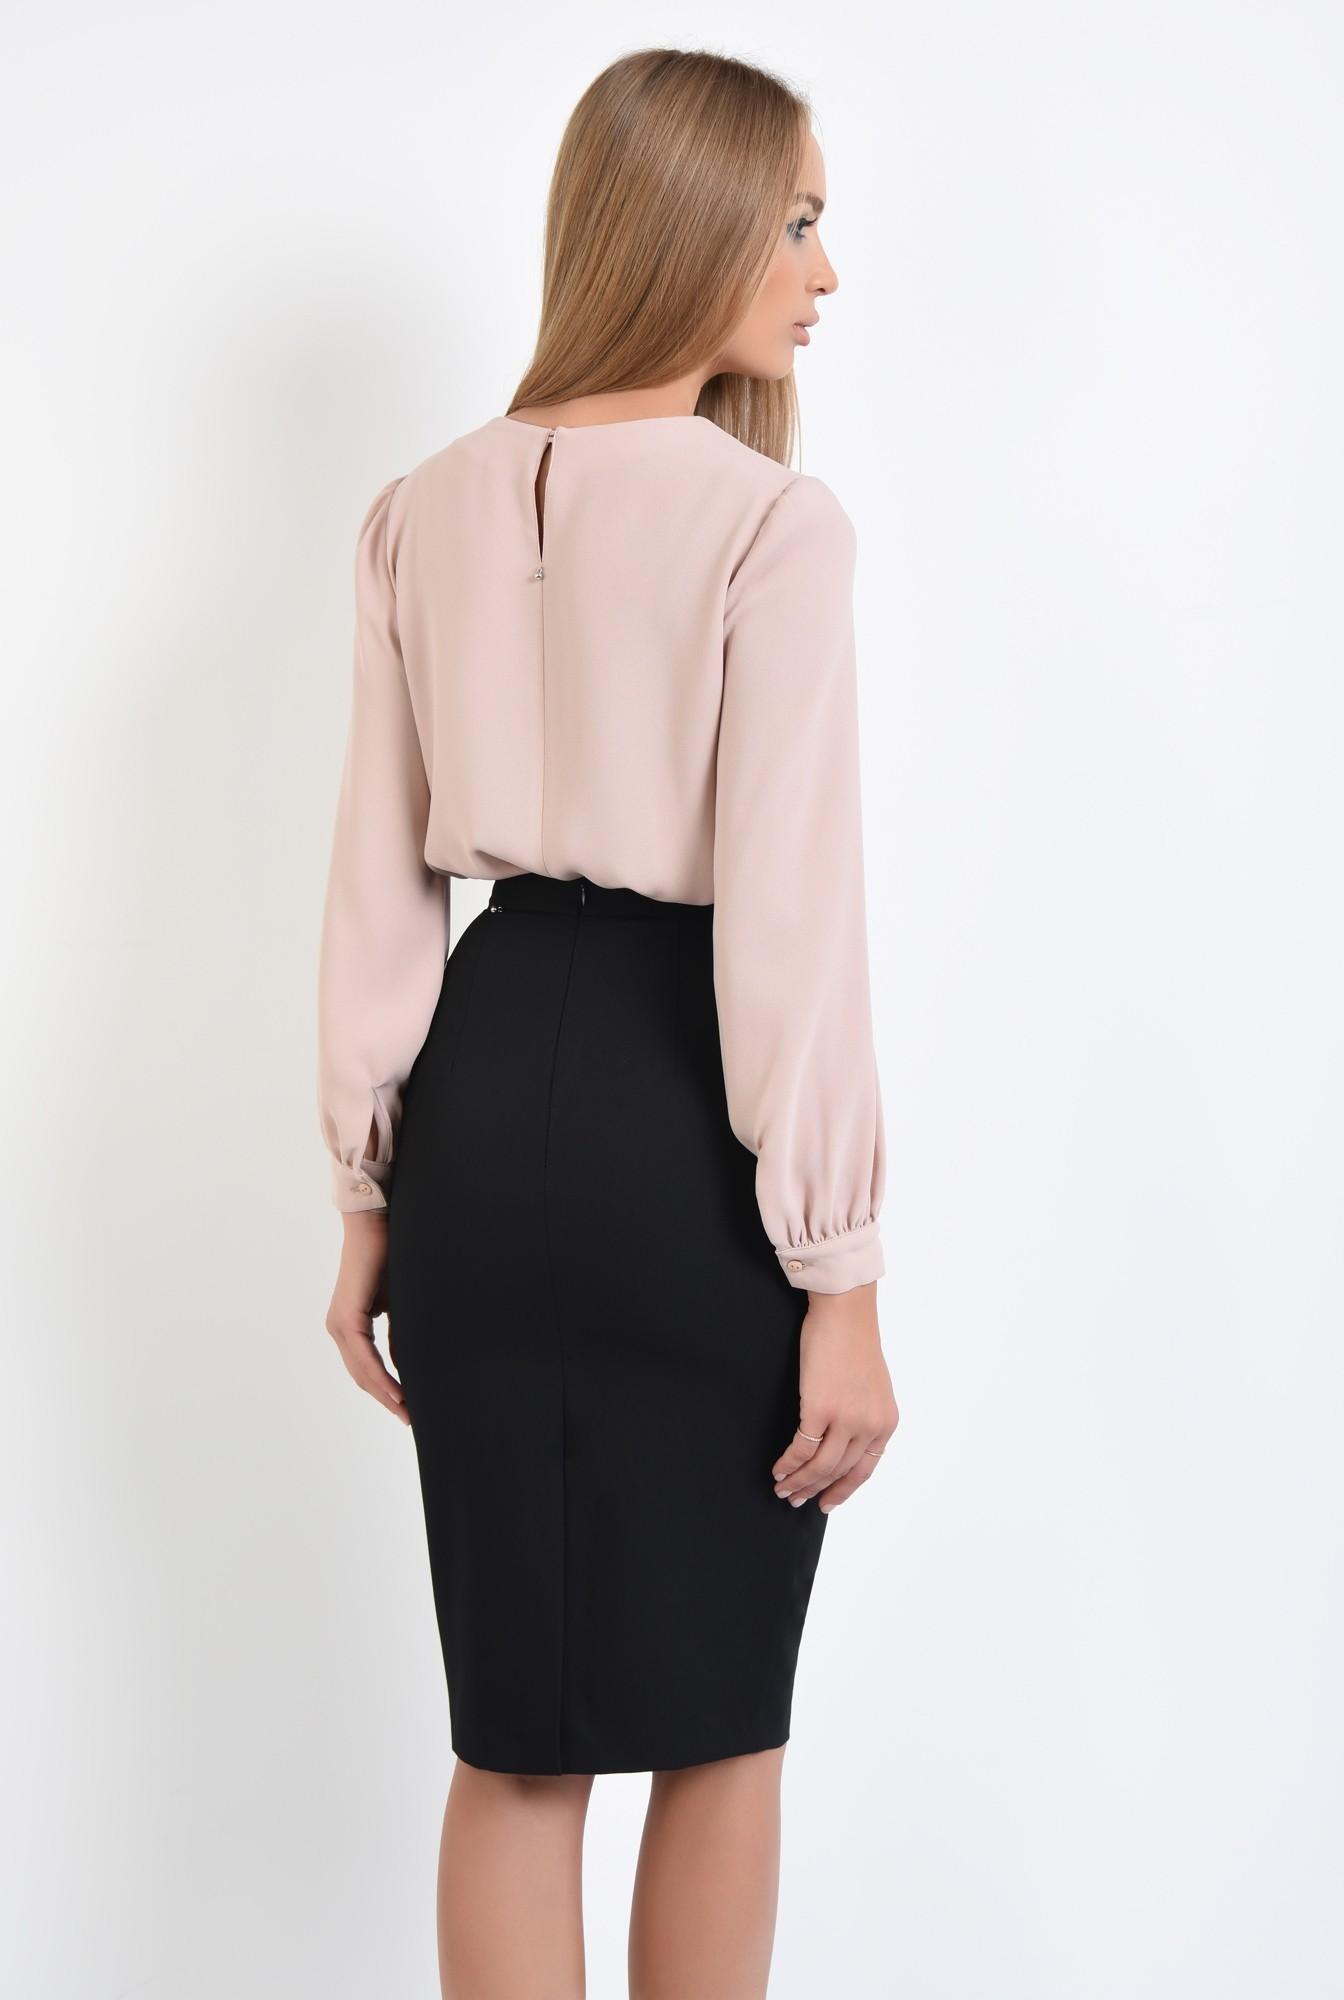 1 - bluza casual, bej, crep, maneci bufante, bluze online